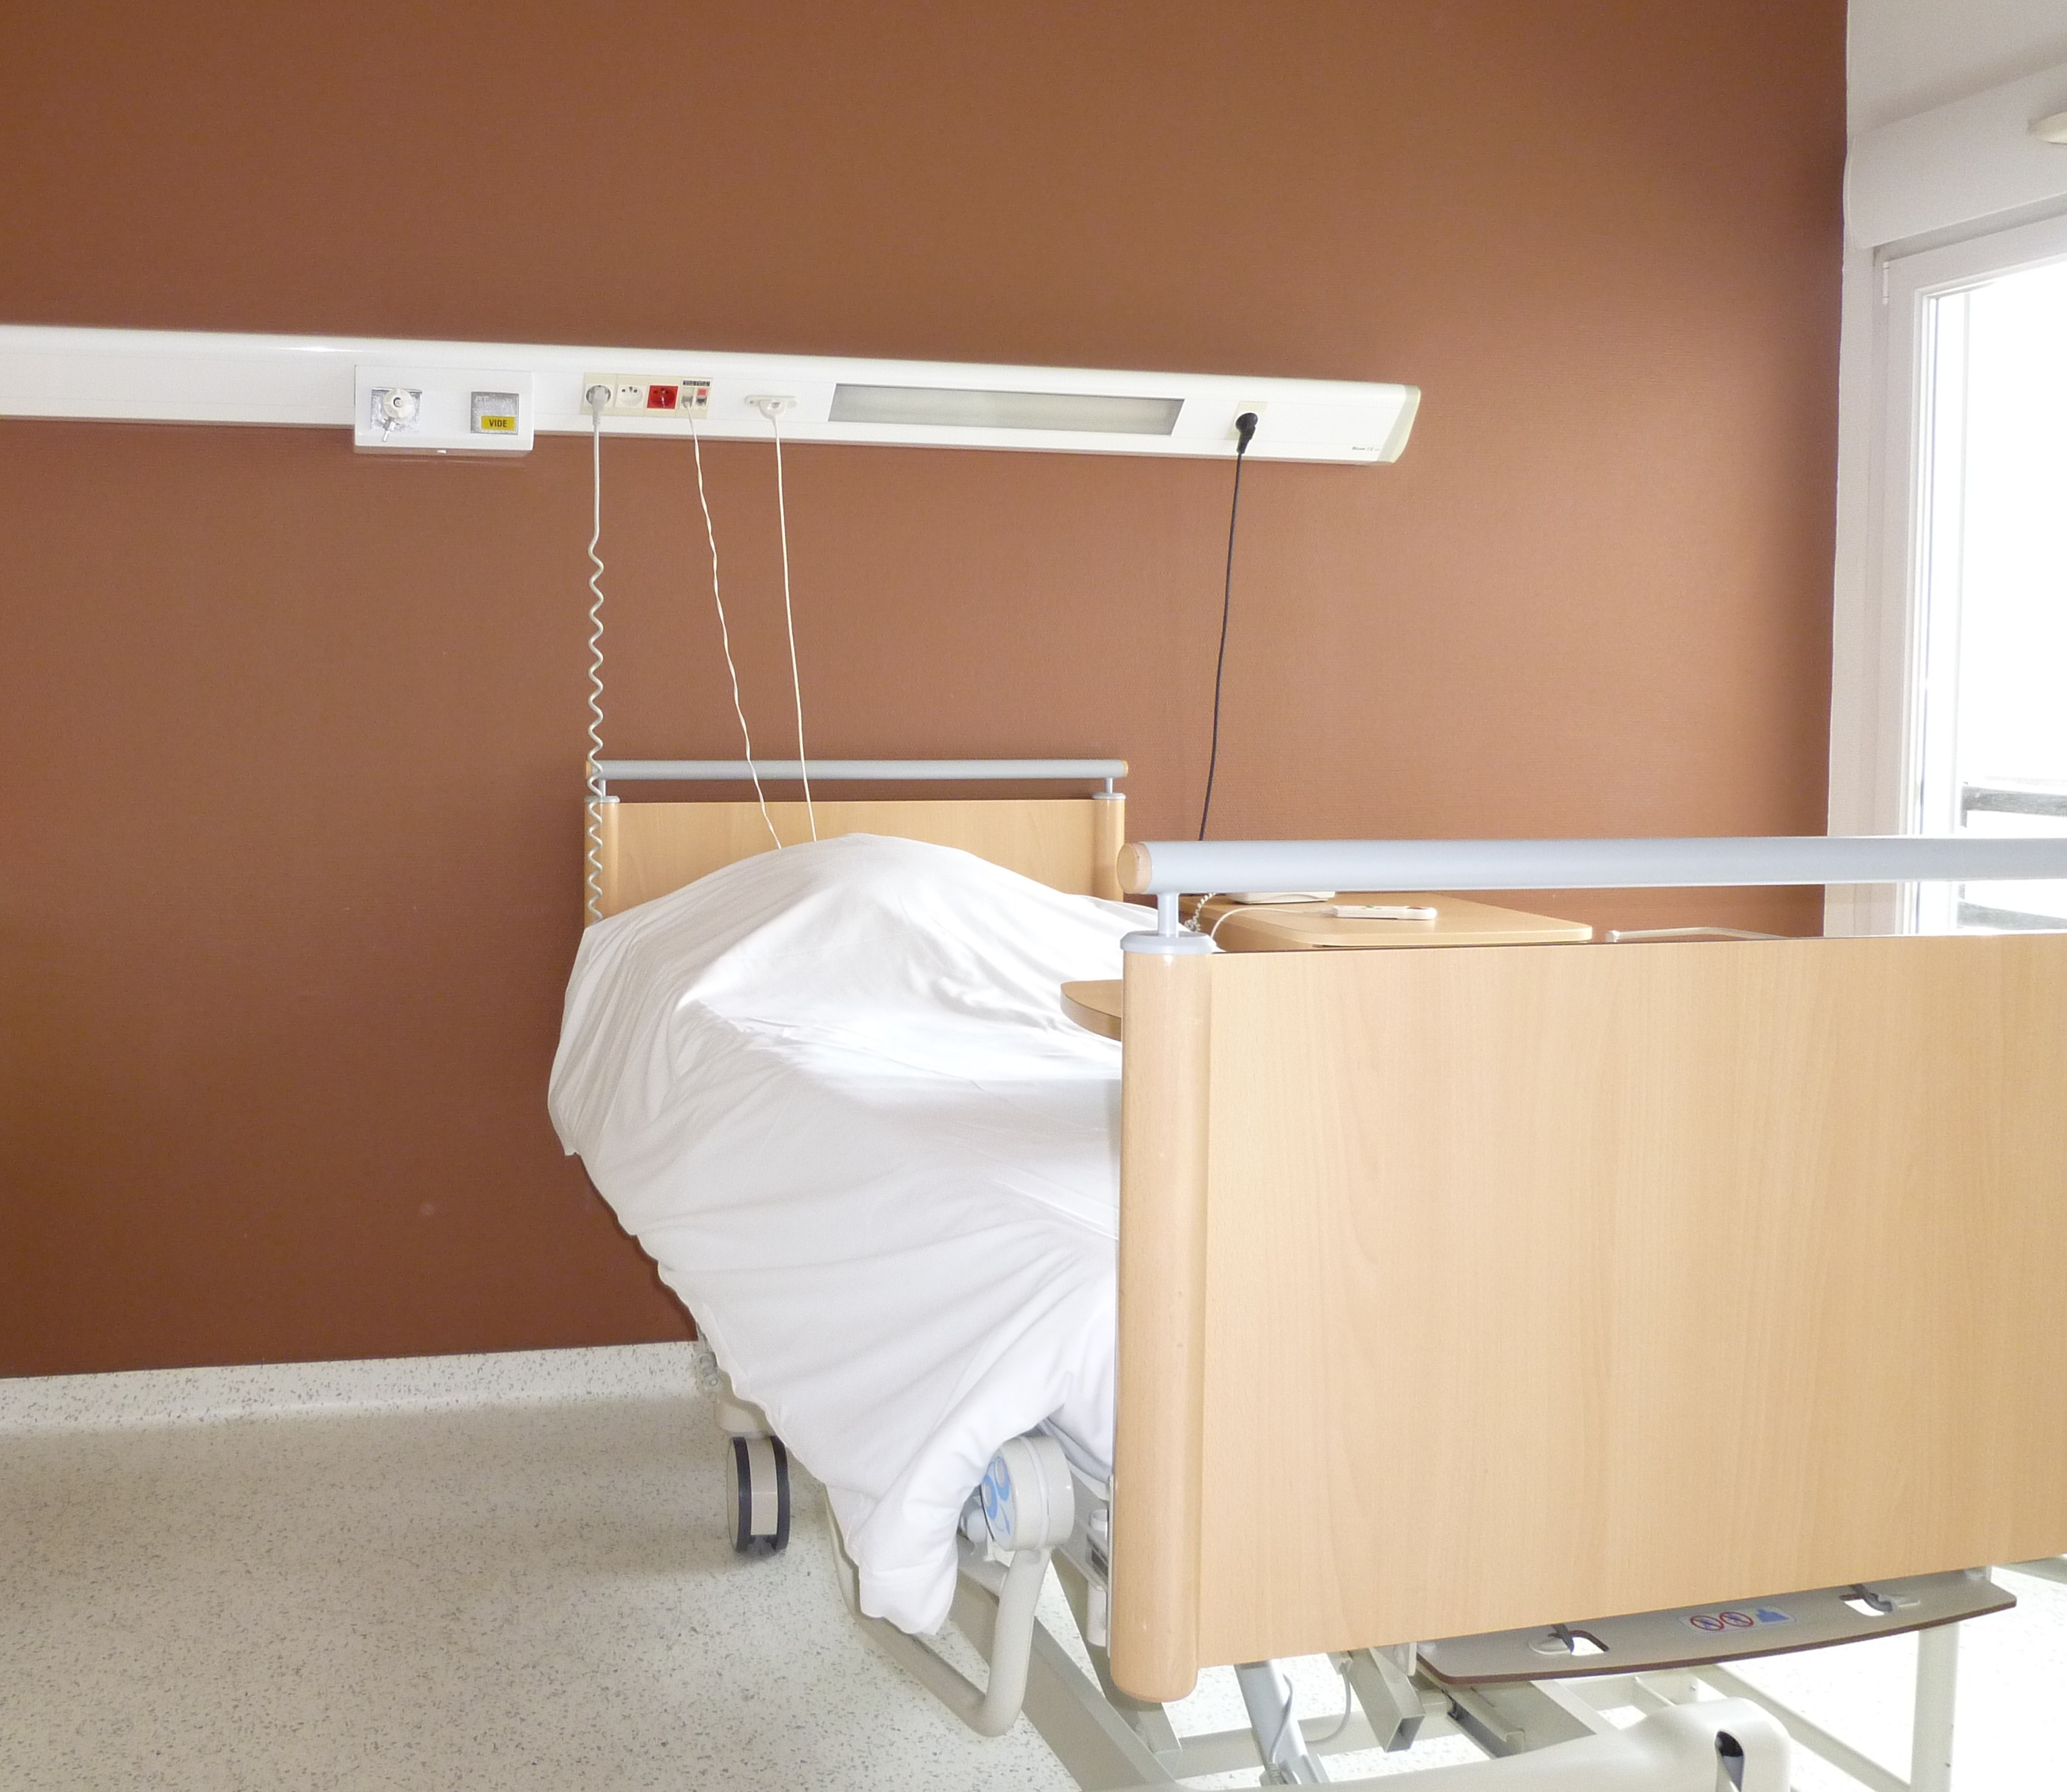 Offre solo | Hôpital privé de la Loire